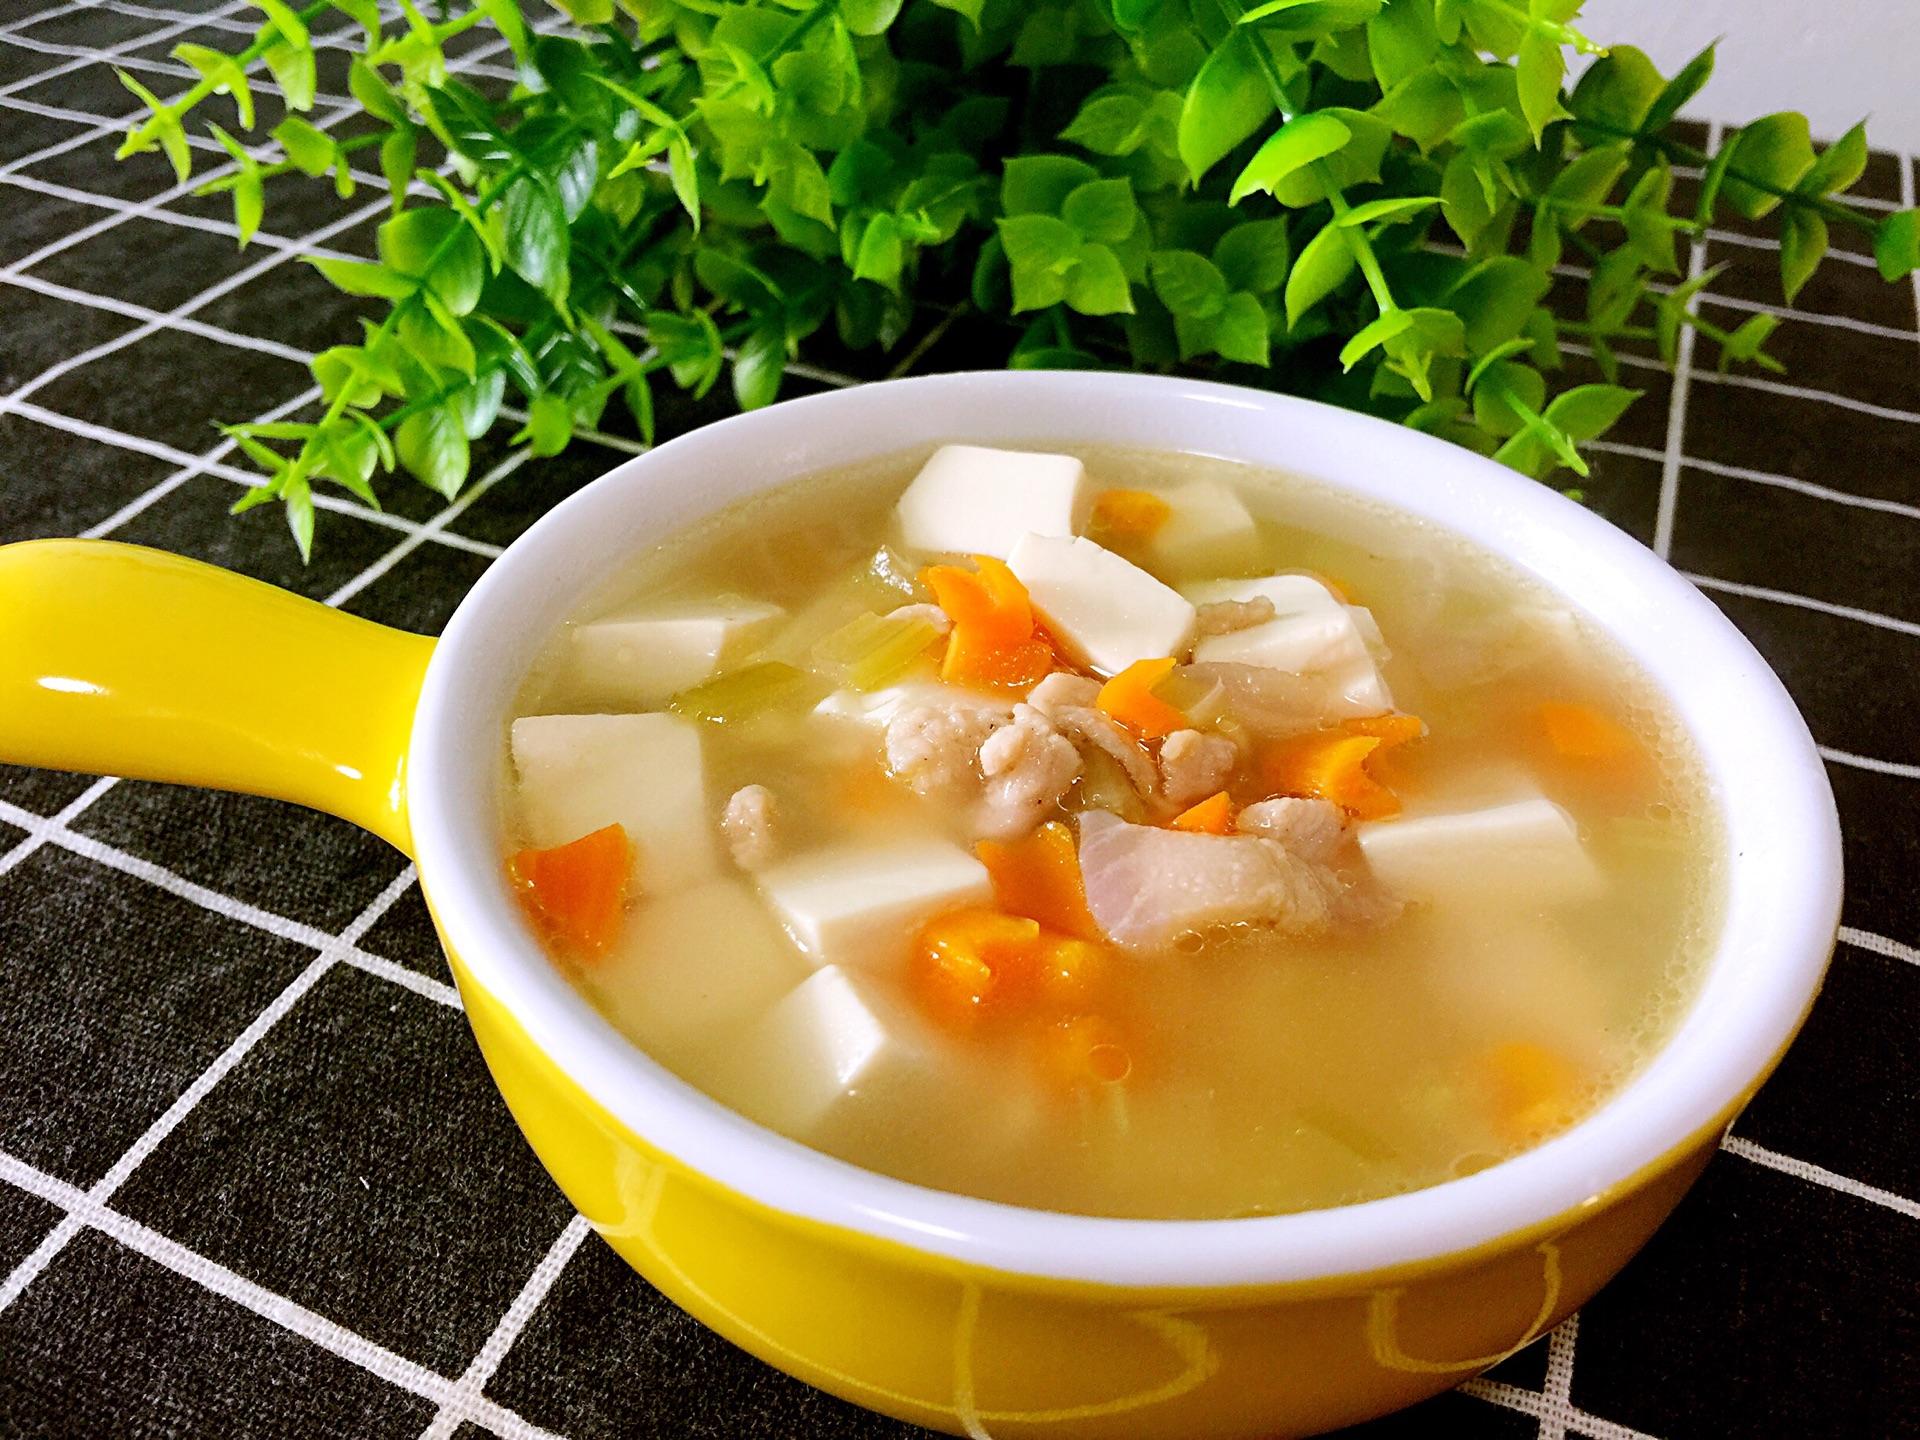 胡萝卜豆腐汤的做法图解9